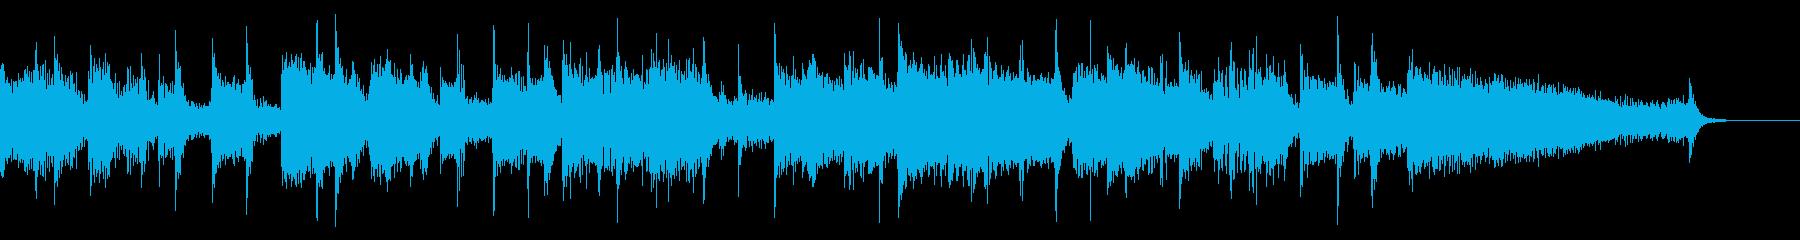 ジャズテイストのBGMの再生済みの波形